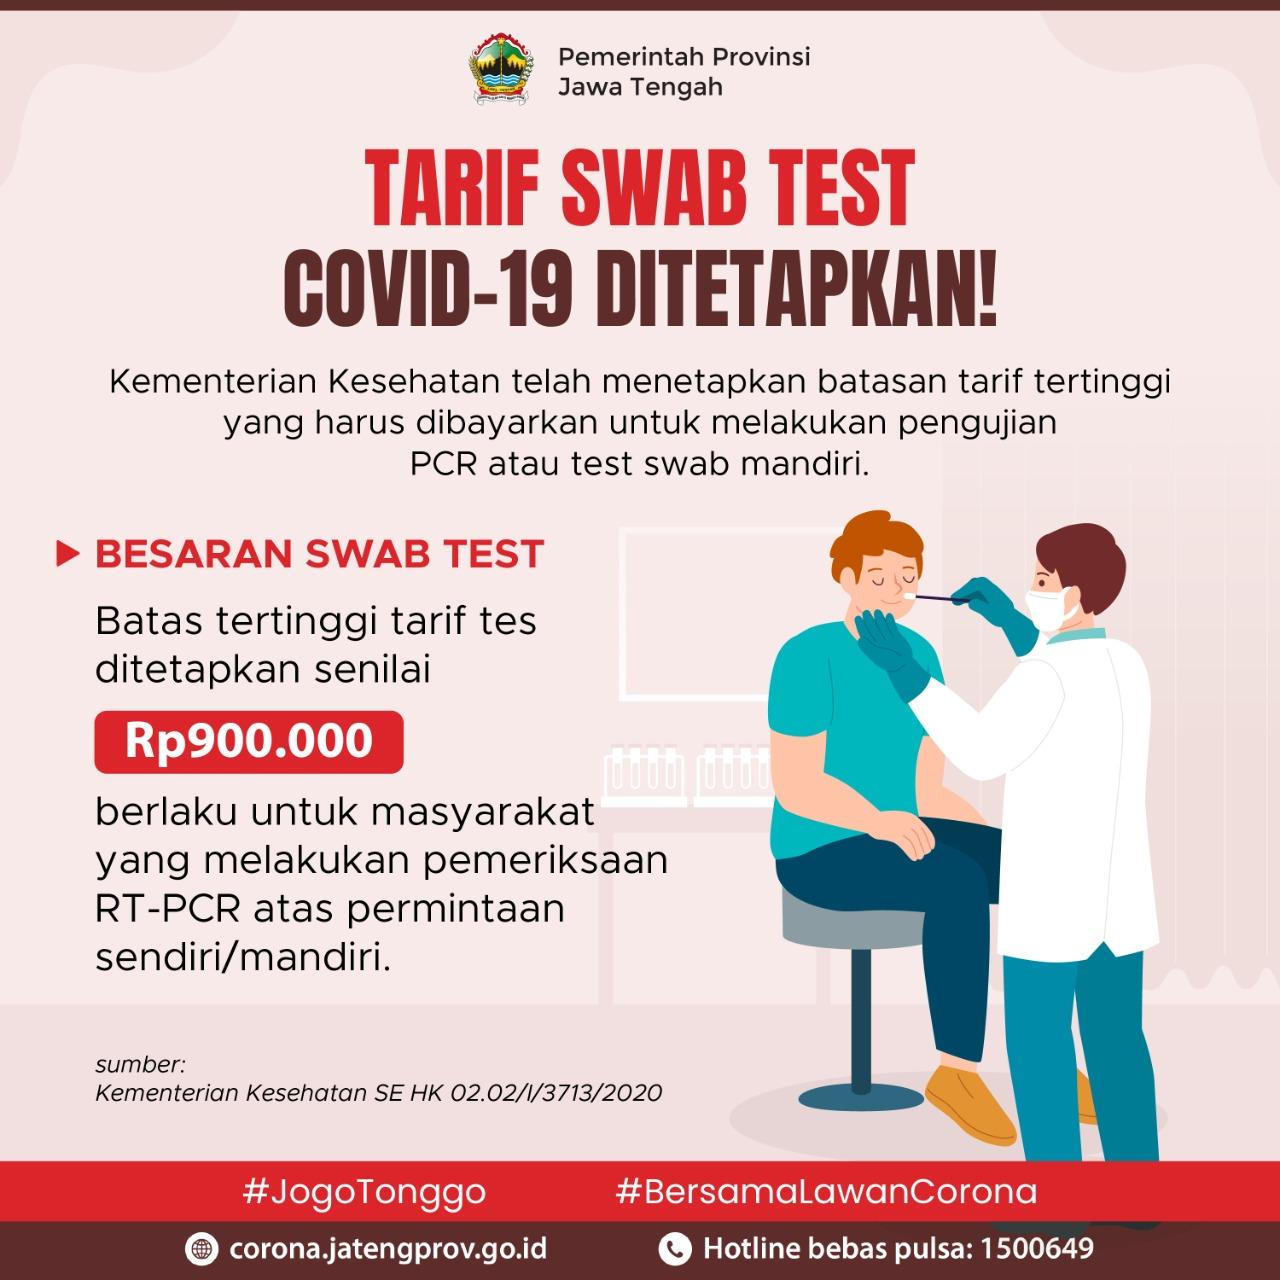 Tarif Swab Test Ditentukan